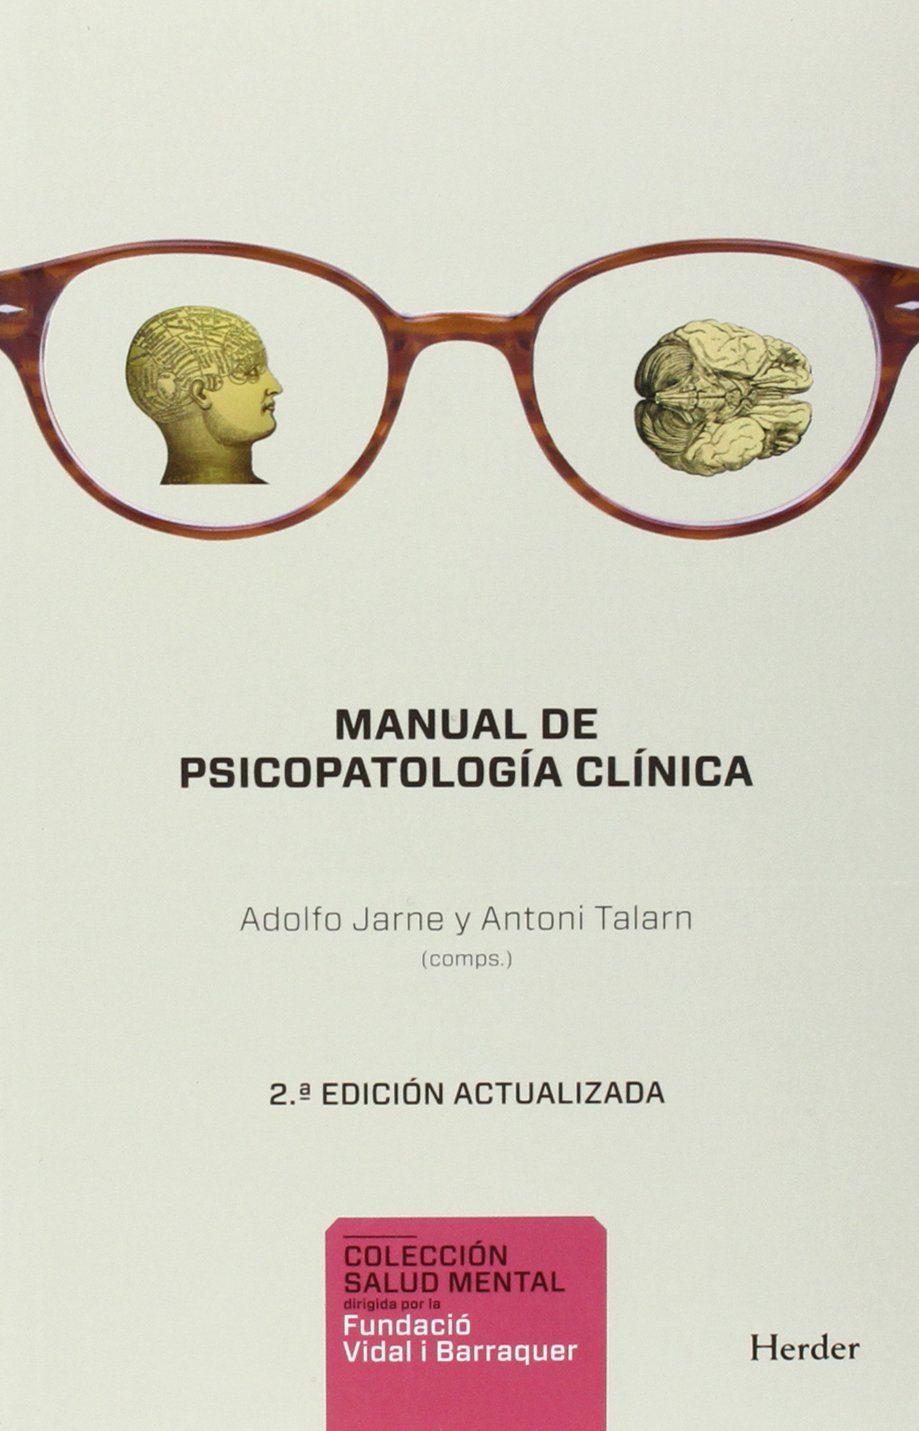 Resultado de imagen de manual de psicopatología clínica adolfo jarne antoni talarn